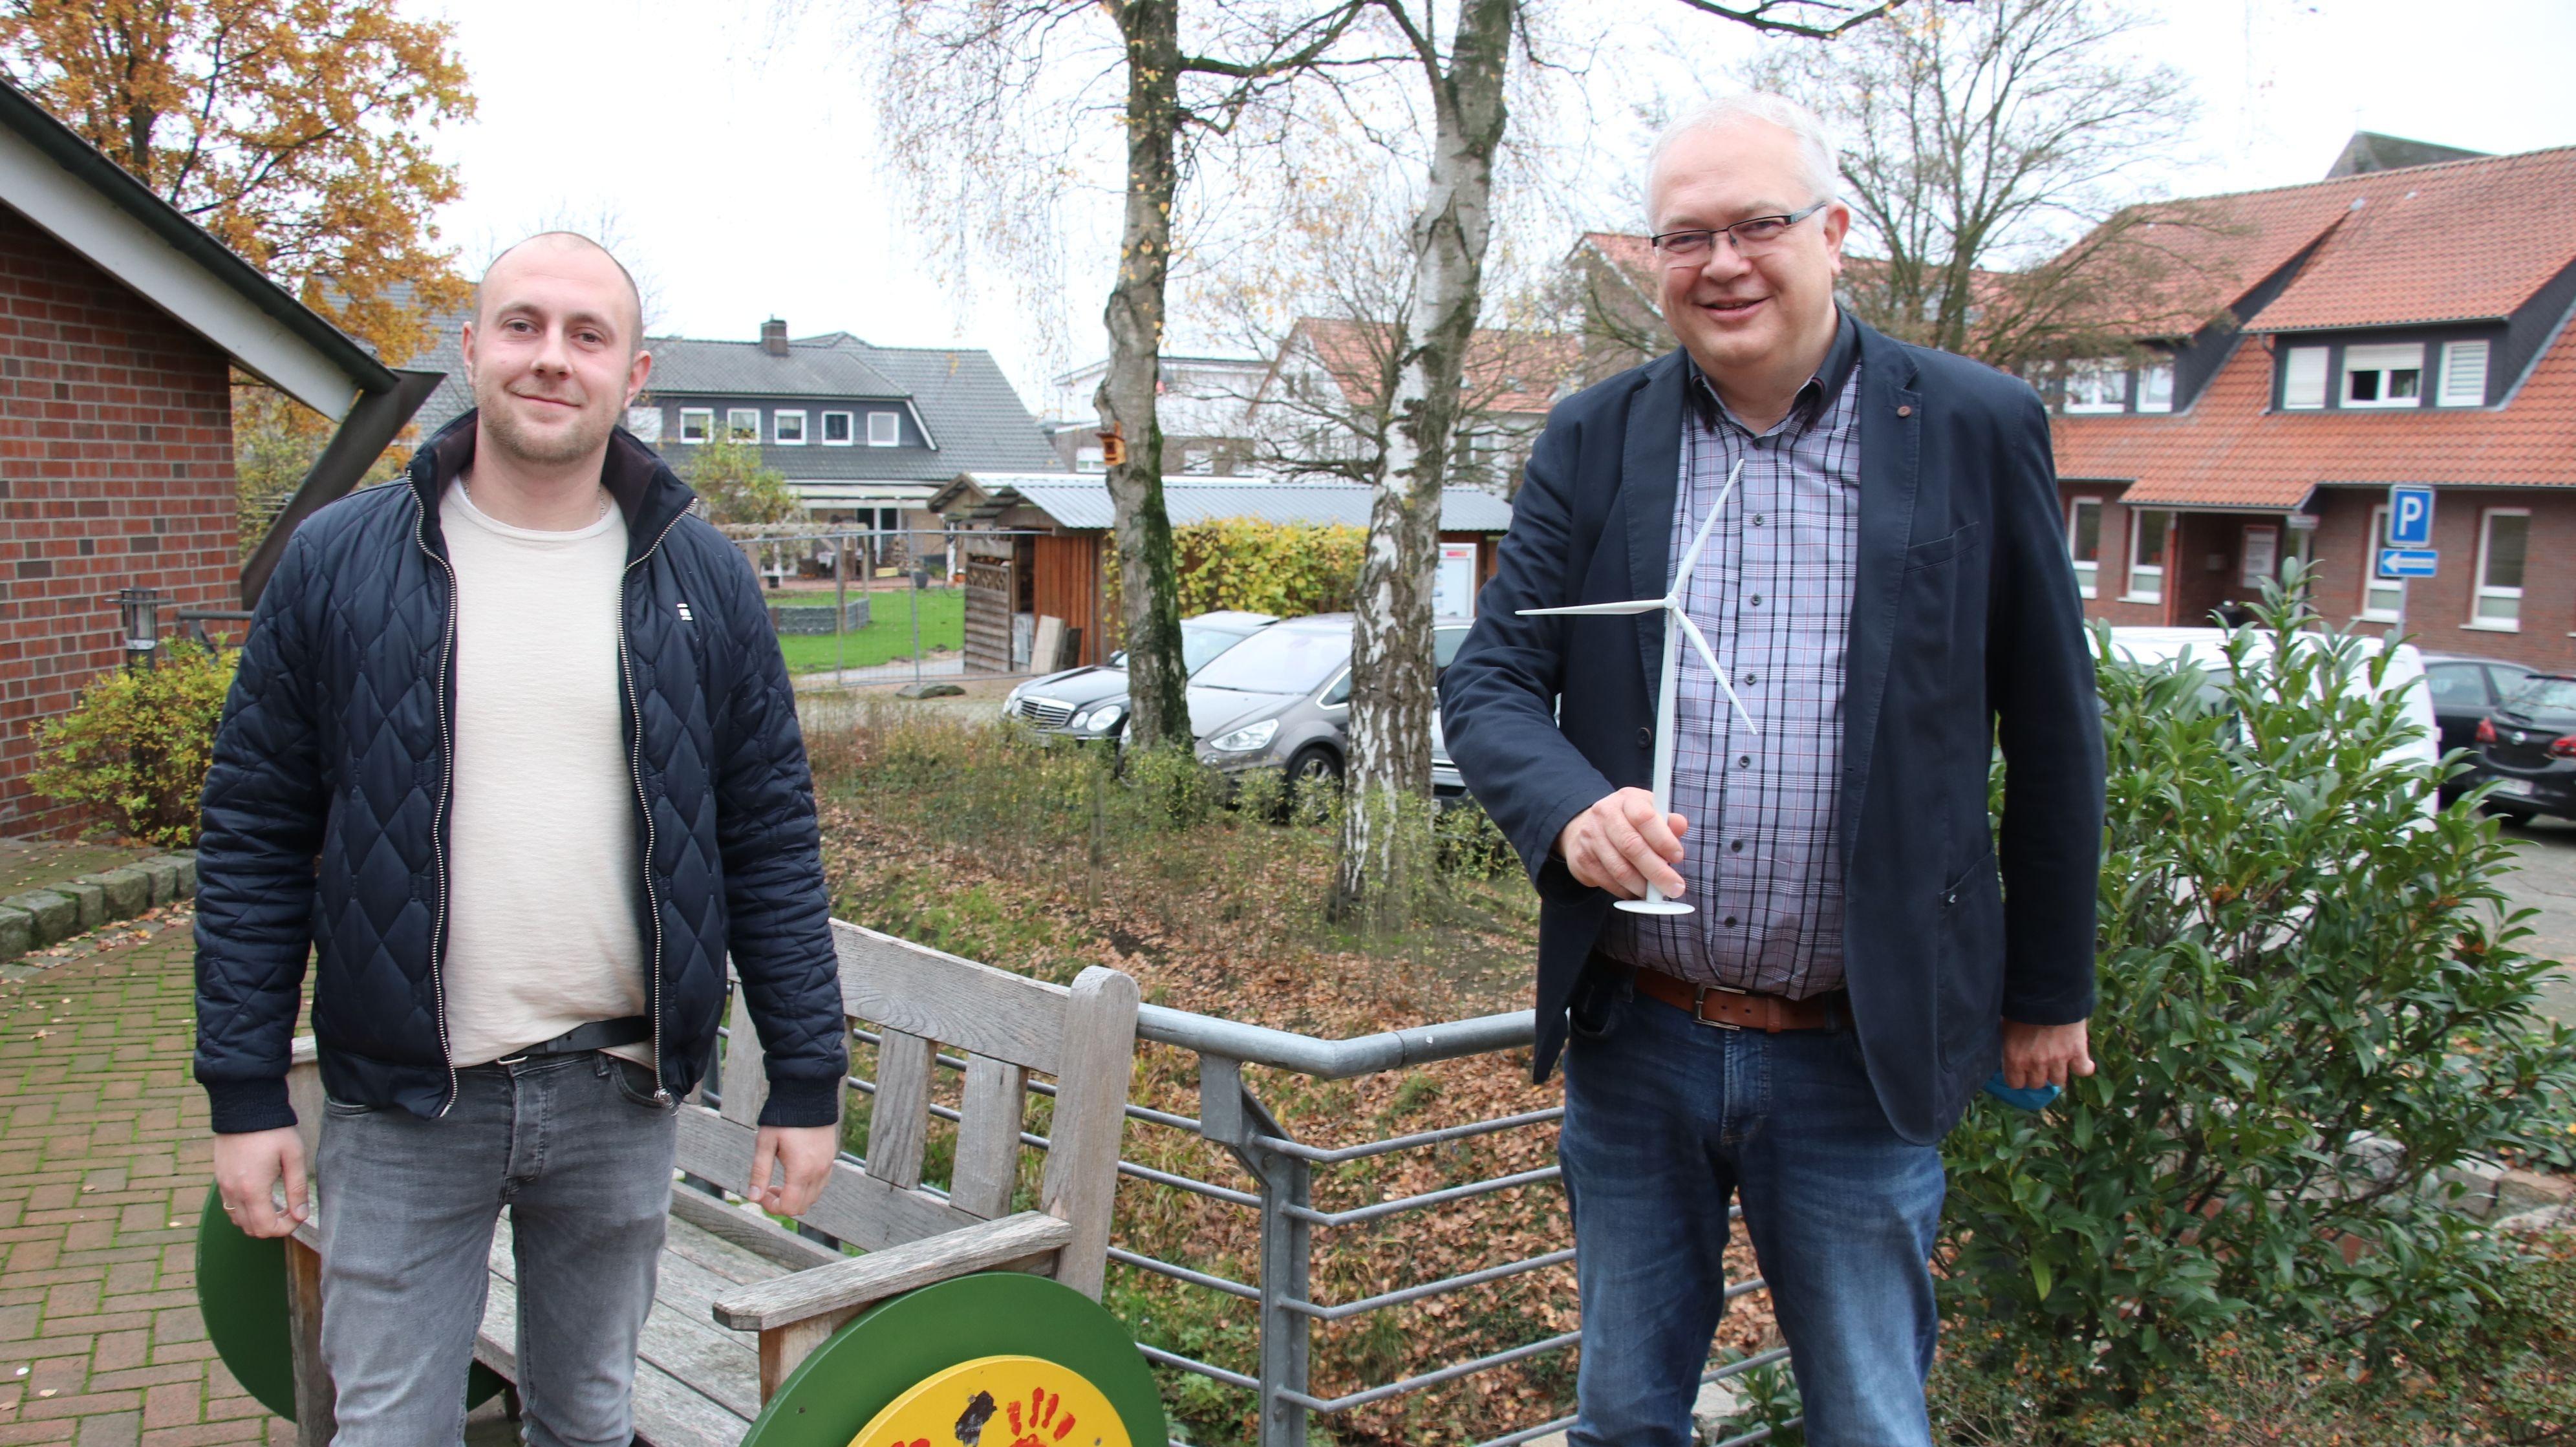 Deutliche Überproduktion: Im Neuenkirchen-Vördener Gemeindegebiet wird nach Angaben Arthur Hamms (links) und Ansgar Brockmann 85 Prozent mehr Strom aus regenerativen Energien erzeugt als tatsächlich an Strom verbraucht wird. Foto: Lammert